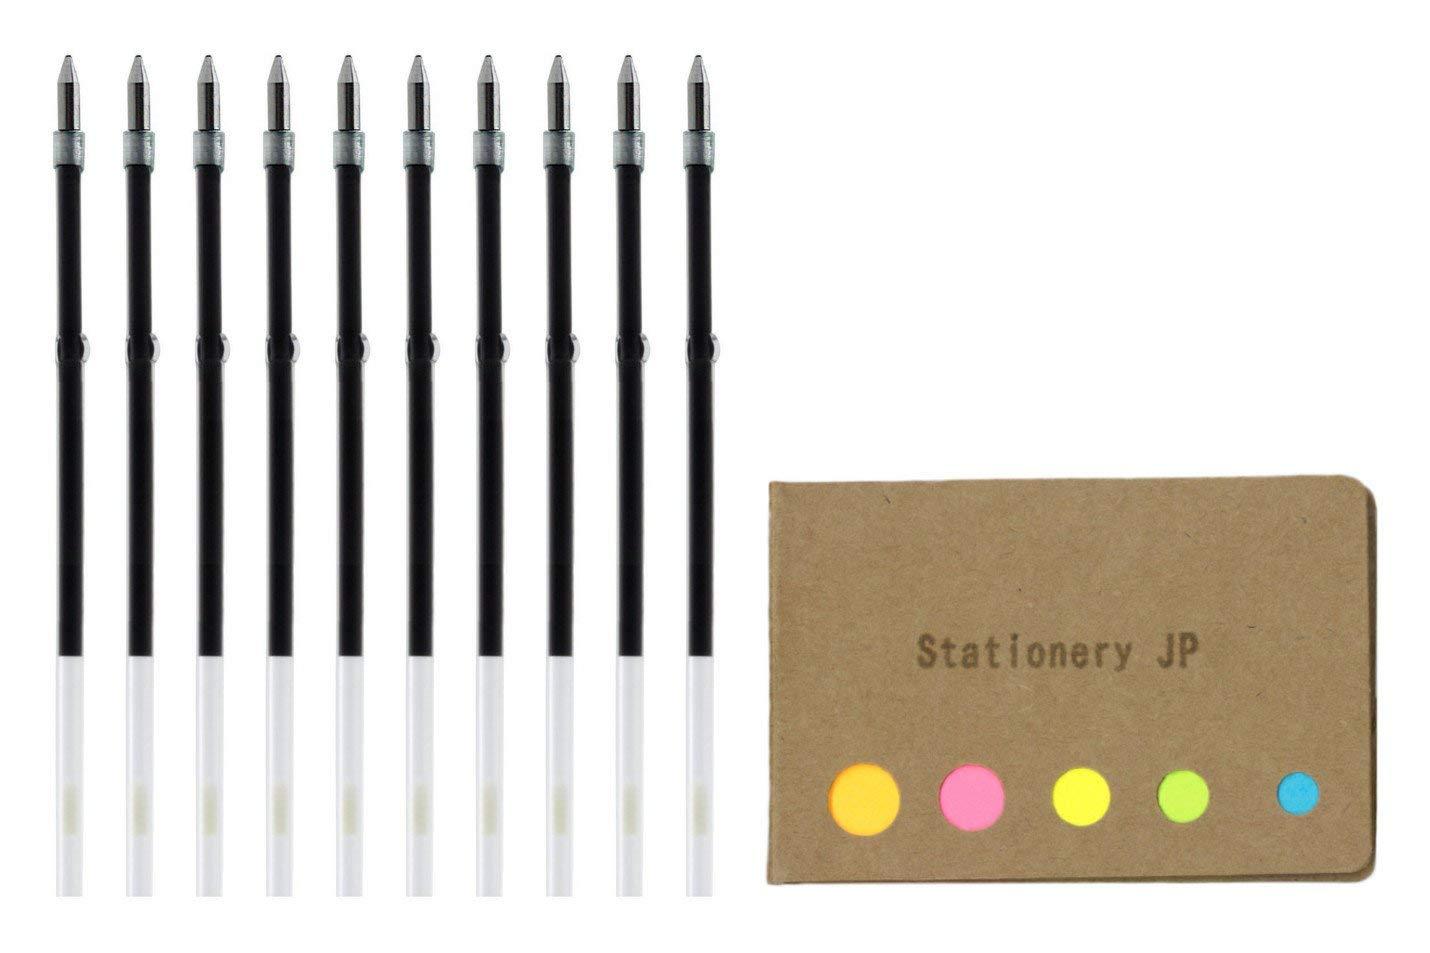 Zebra Ballpoint Pen Refills for Clip On Multi Pen, SK-0.7, Fine Point 0.7mm, Green Ink, 10-pack, Sticky Notes Value Set